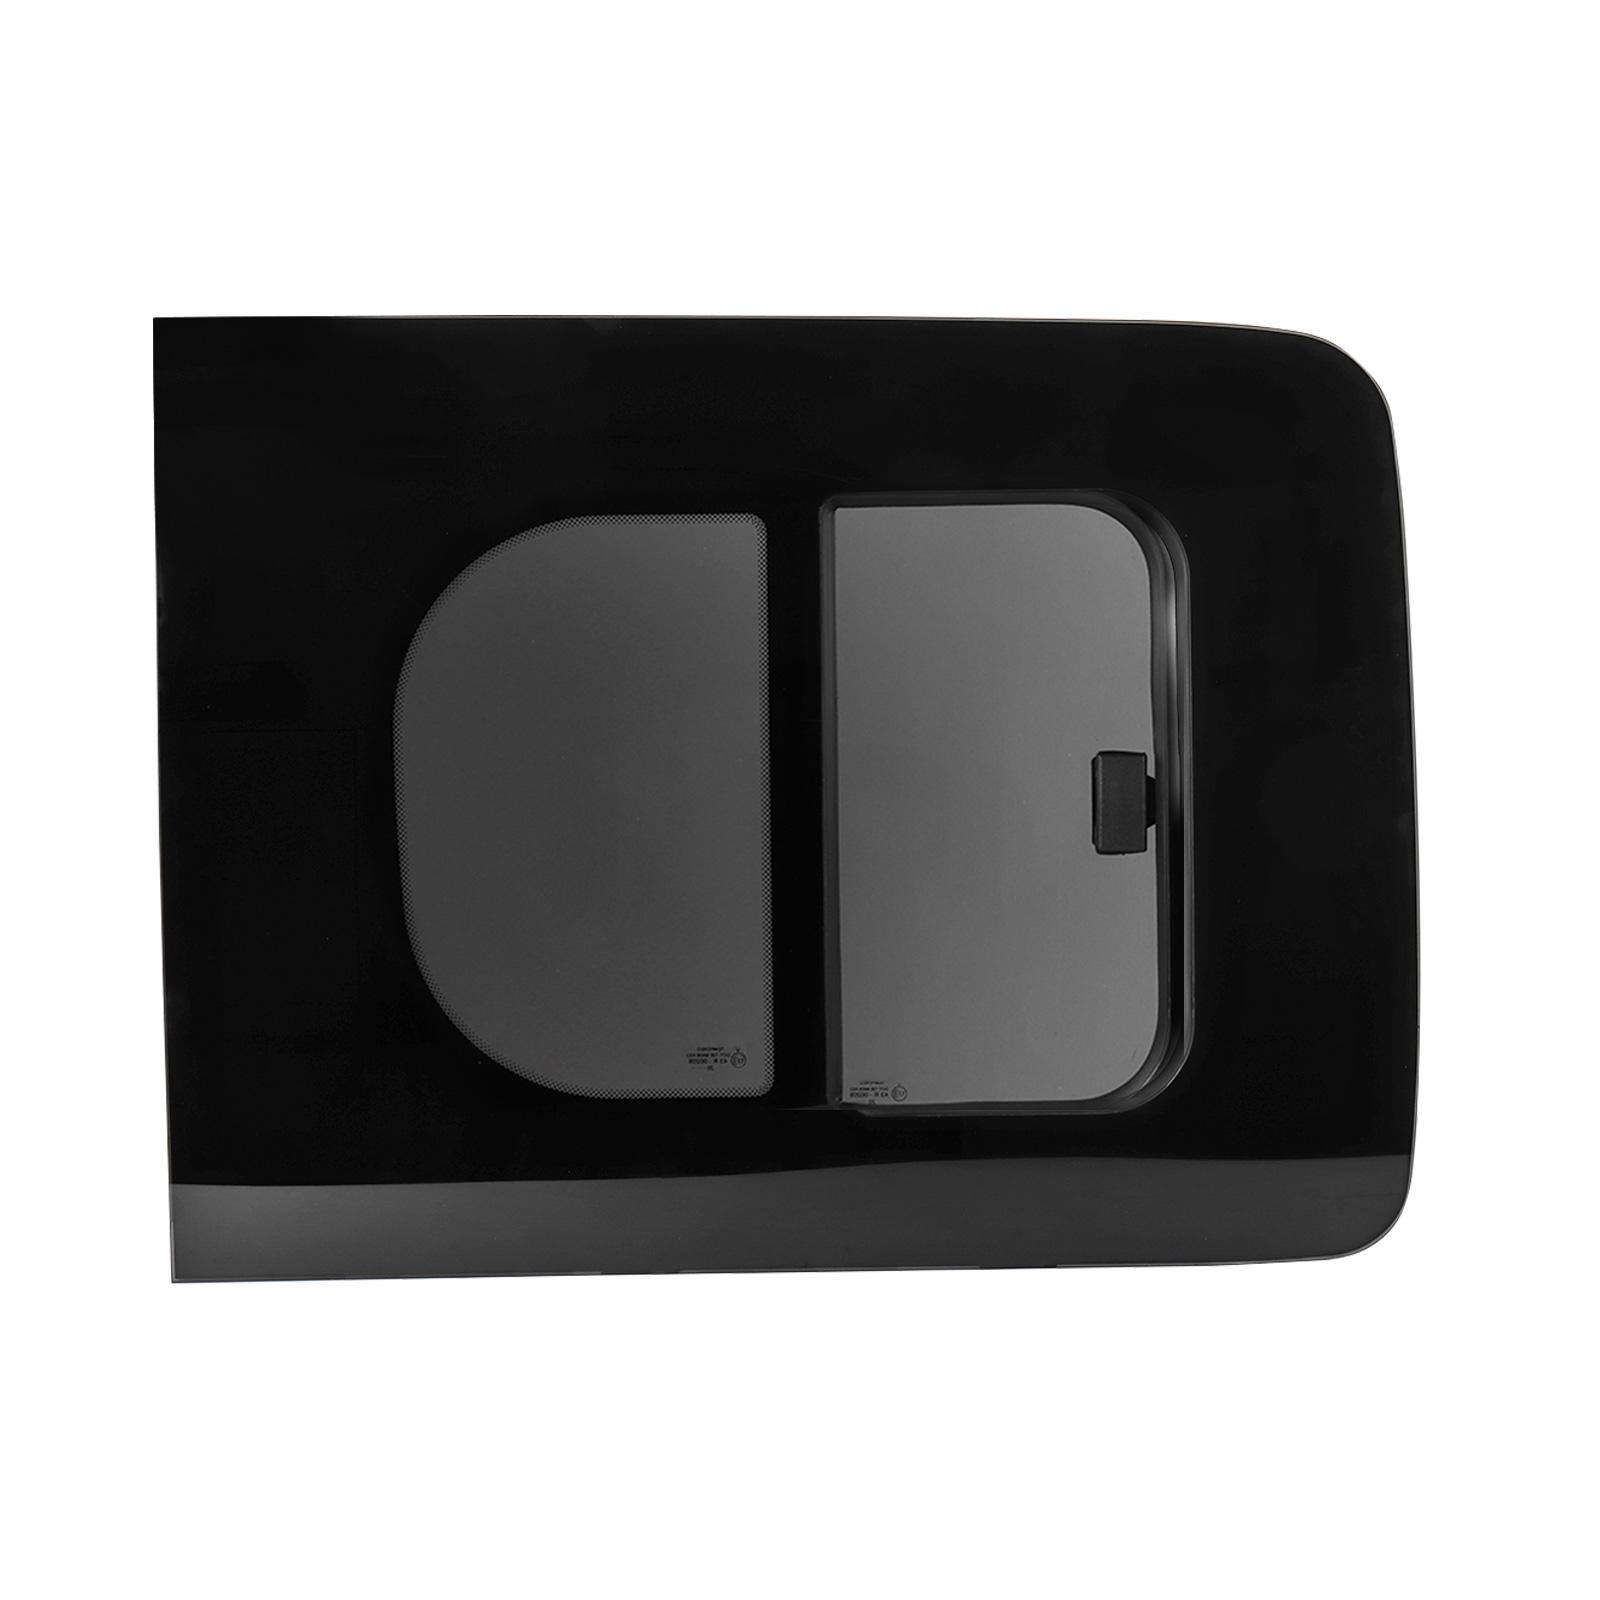 Schiebefenster Glasfenster für Caddy rechts ab Bj 08, Echtglas, ca 70,4x54,5 cm